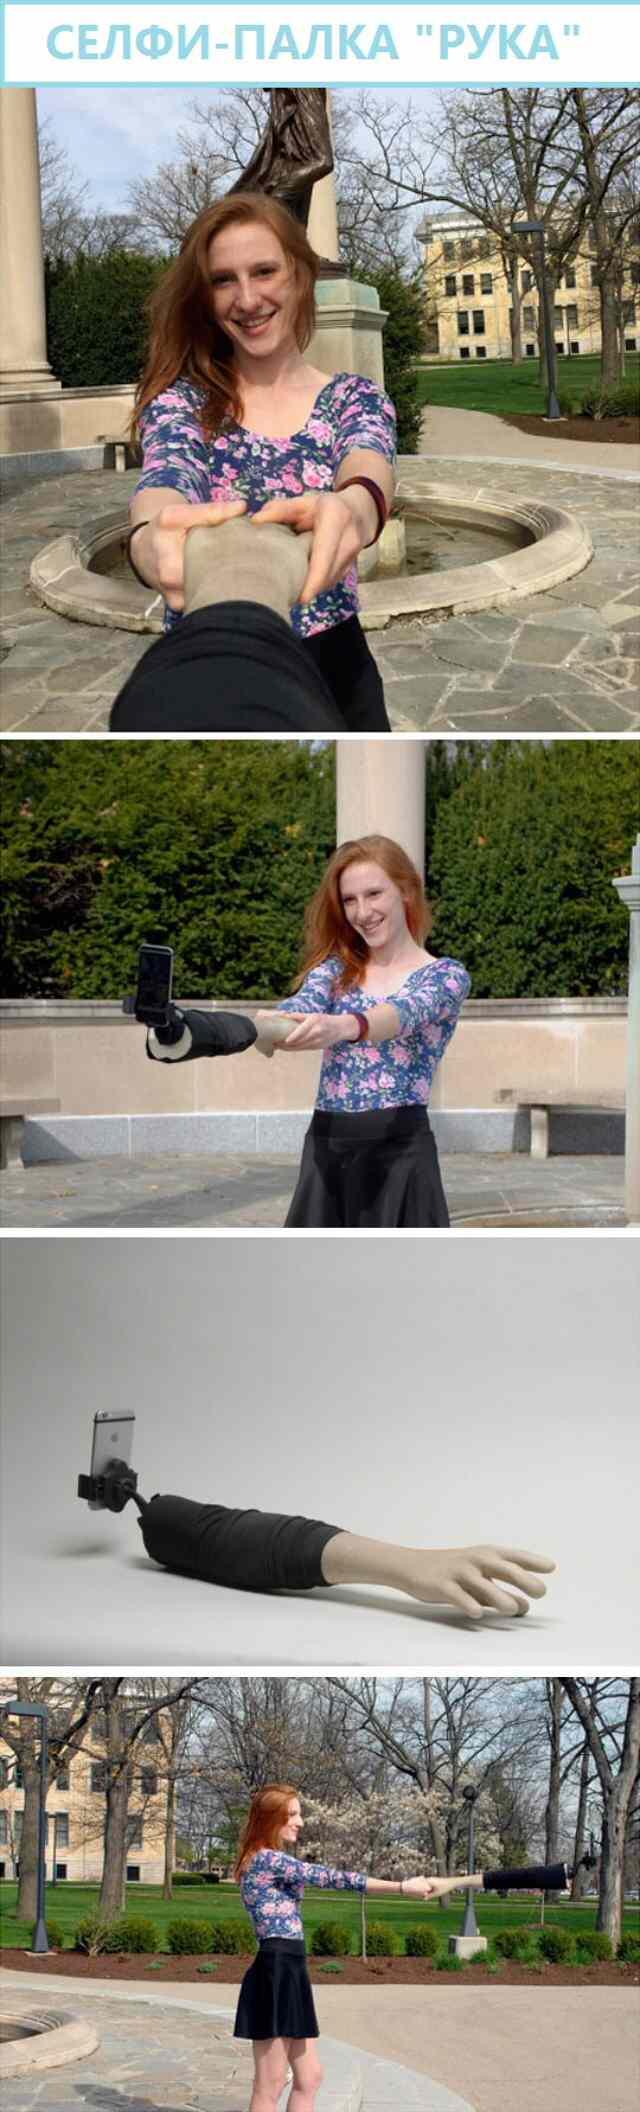 селфи-палка для одиноких девушек